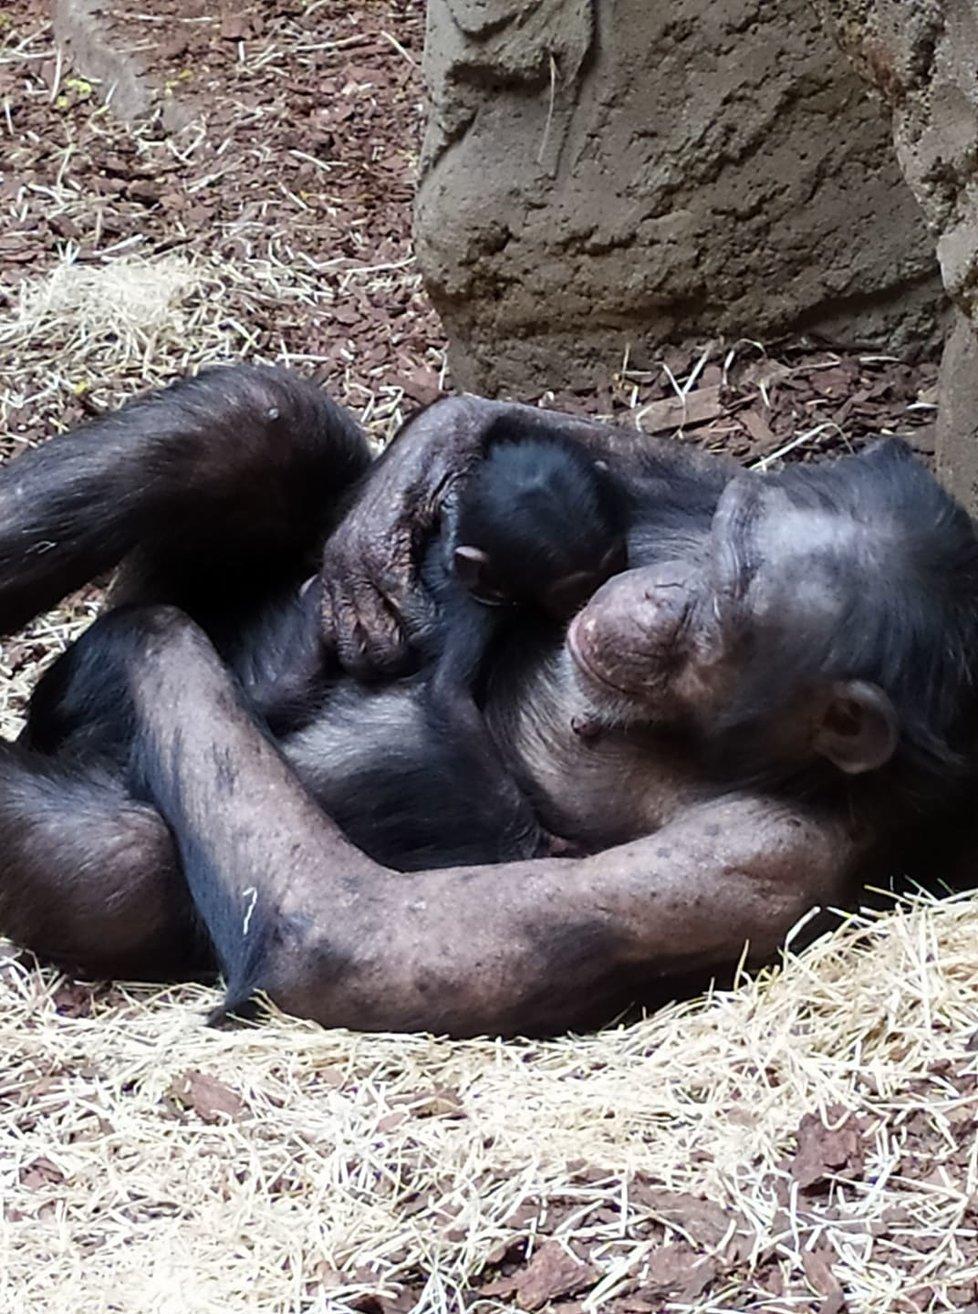 Samice šimpanze se stará o své mládě v ostravské zoo zatím ukázkově, i když je prvorodičkou. Foto: ZOO